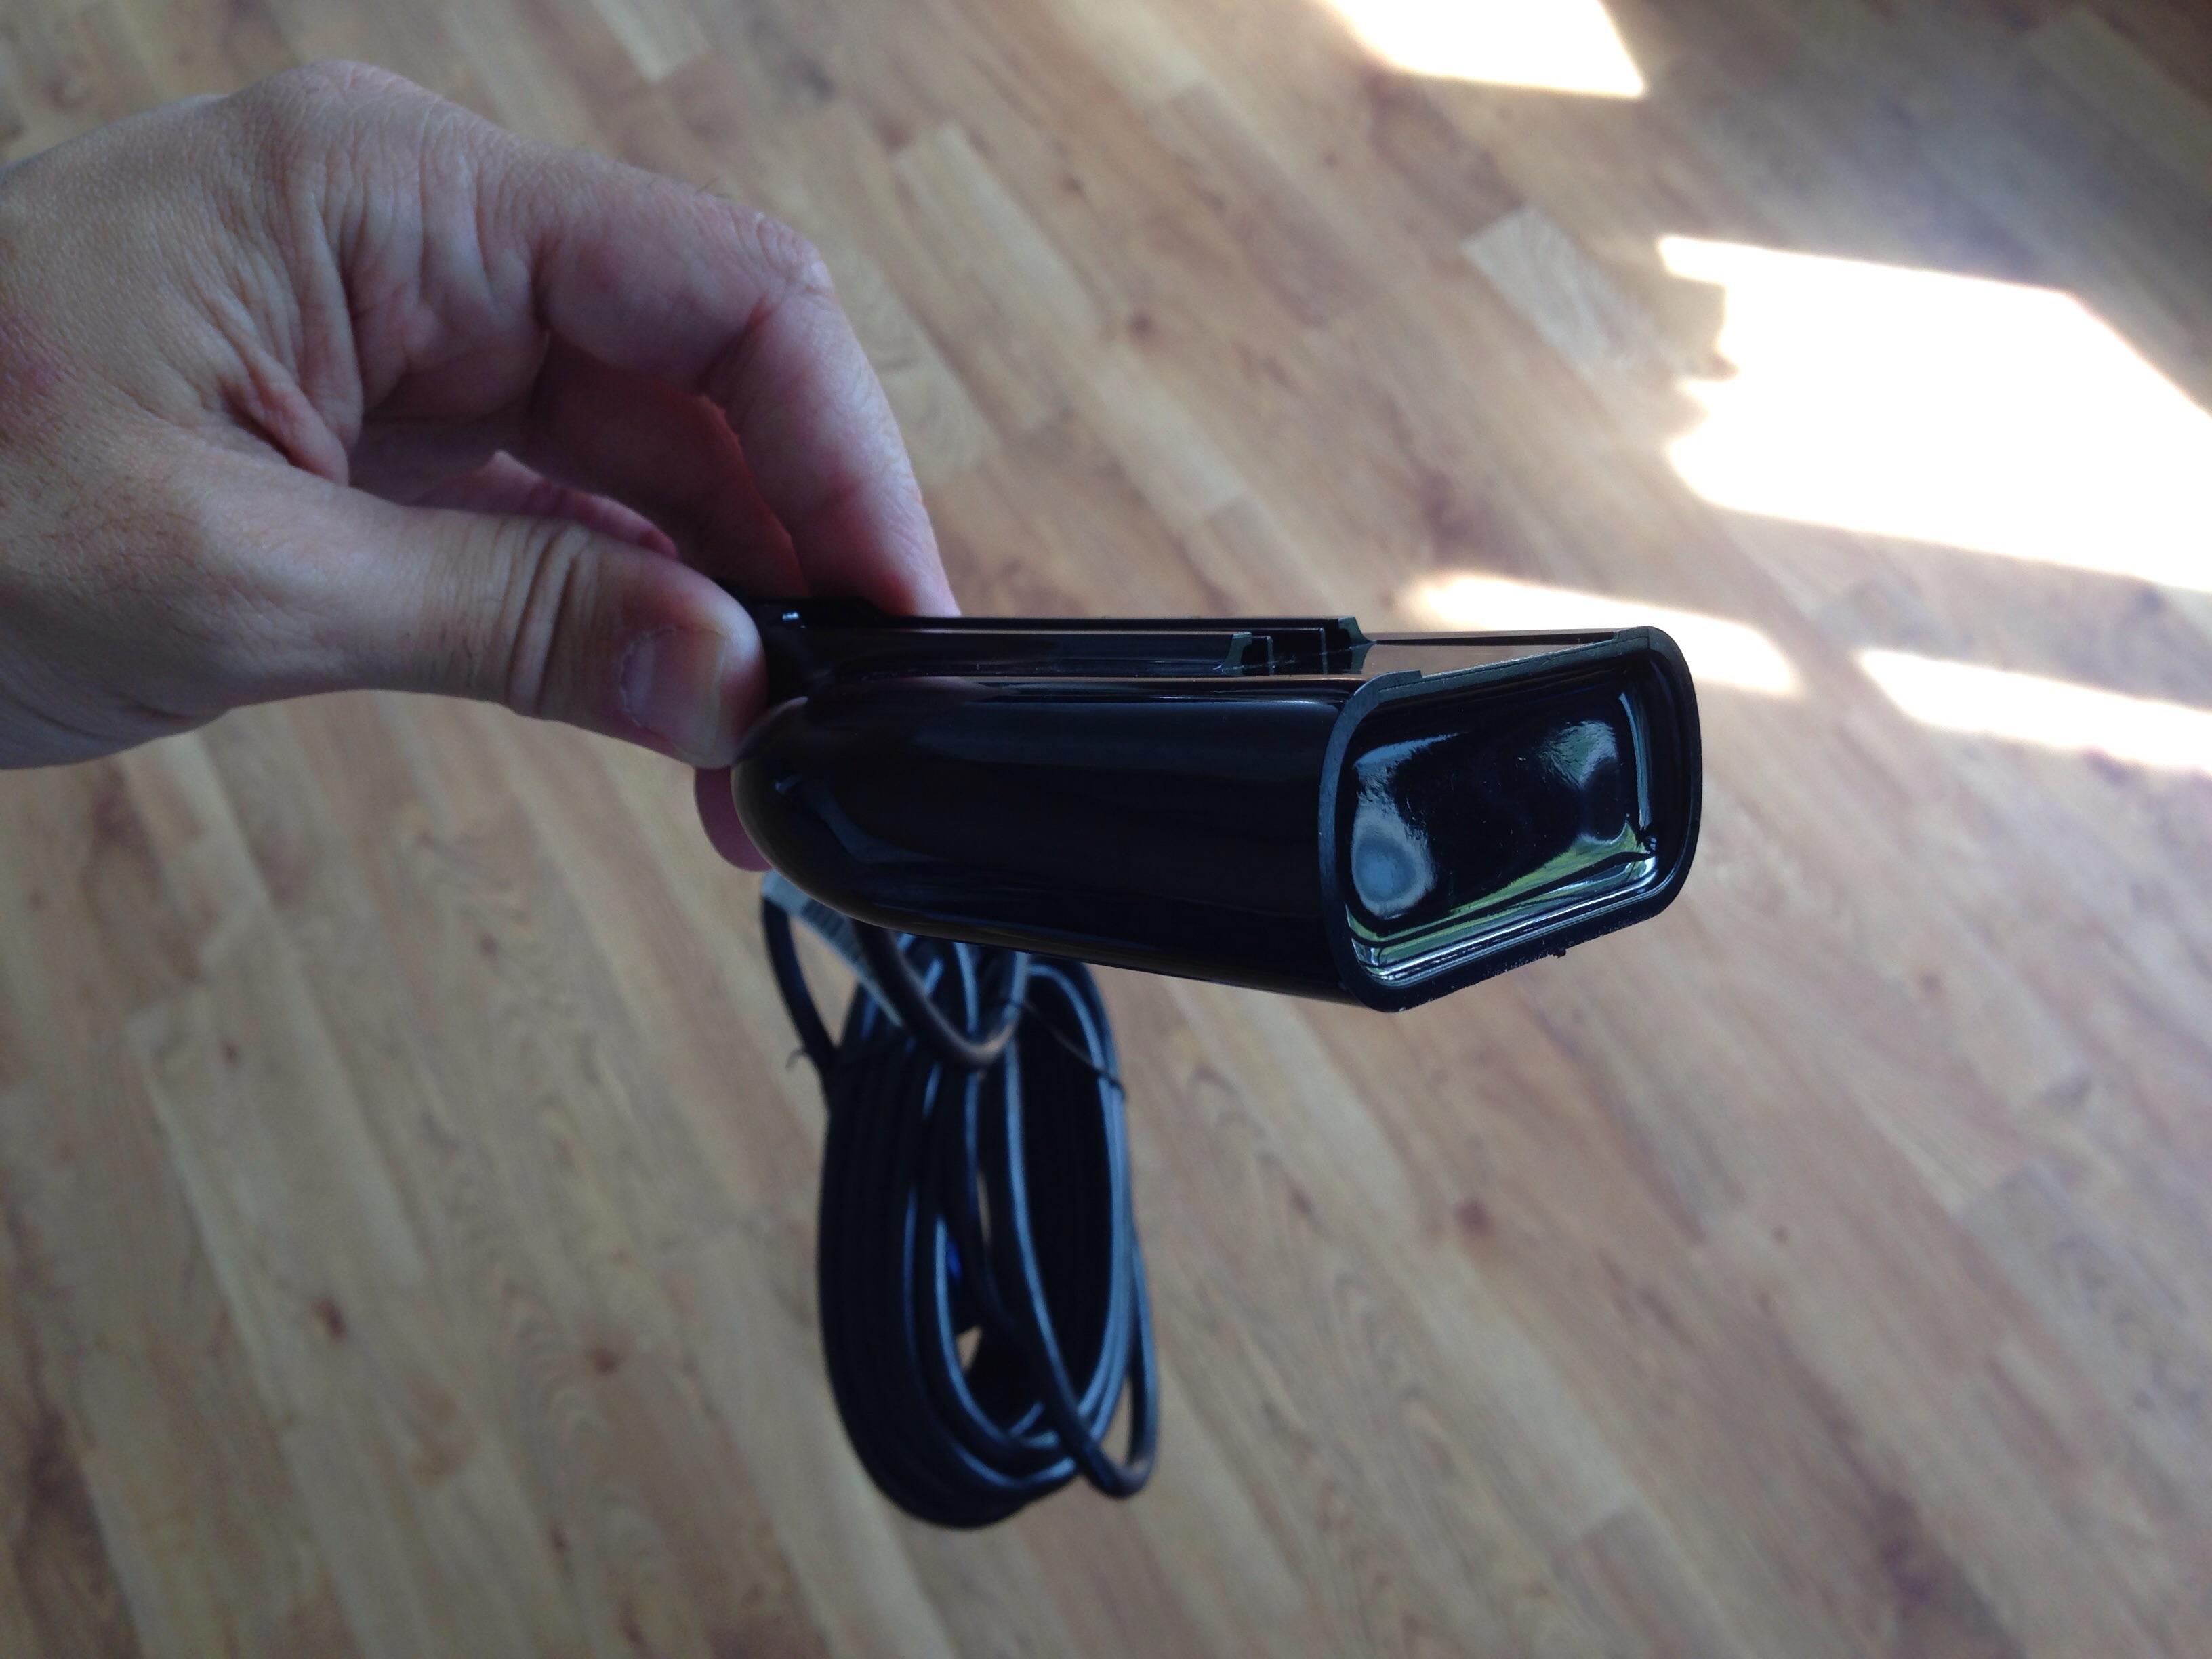 batterie pour echo sondeur + achat sondeur - Page 3 230008image666